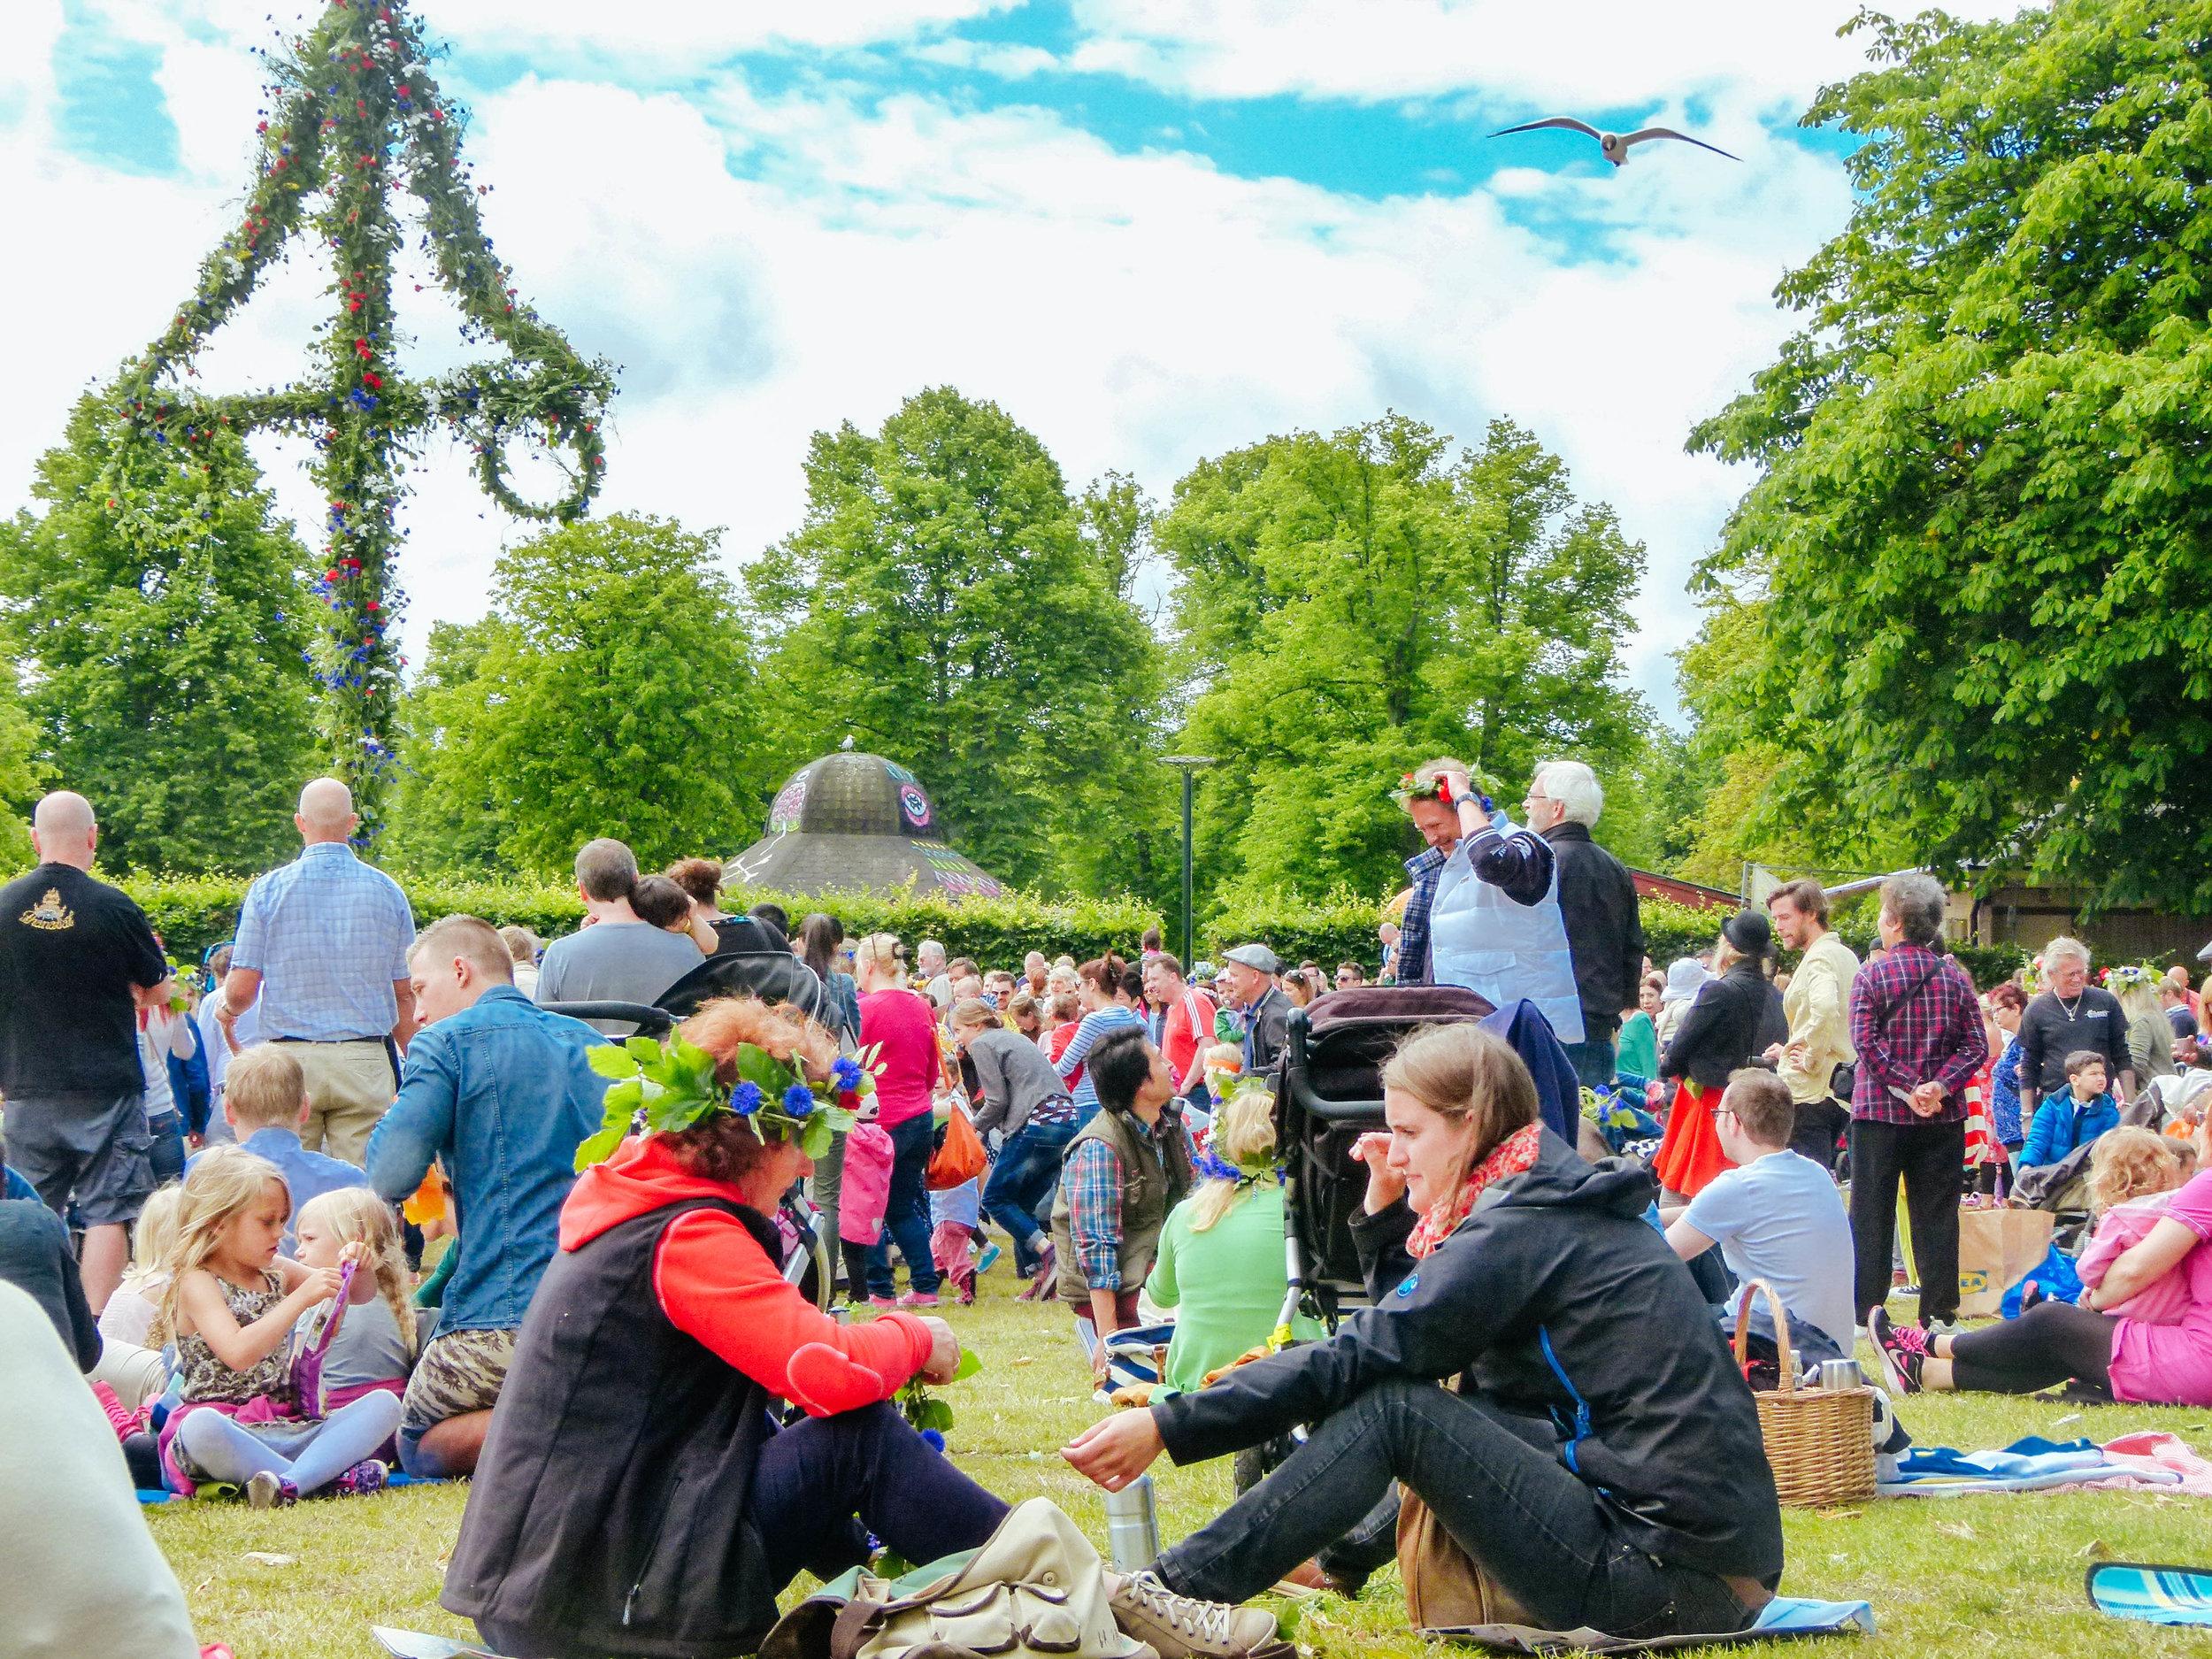 visit möllevången folkets park malmo midsummer sweden photo